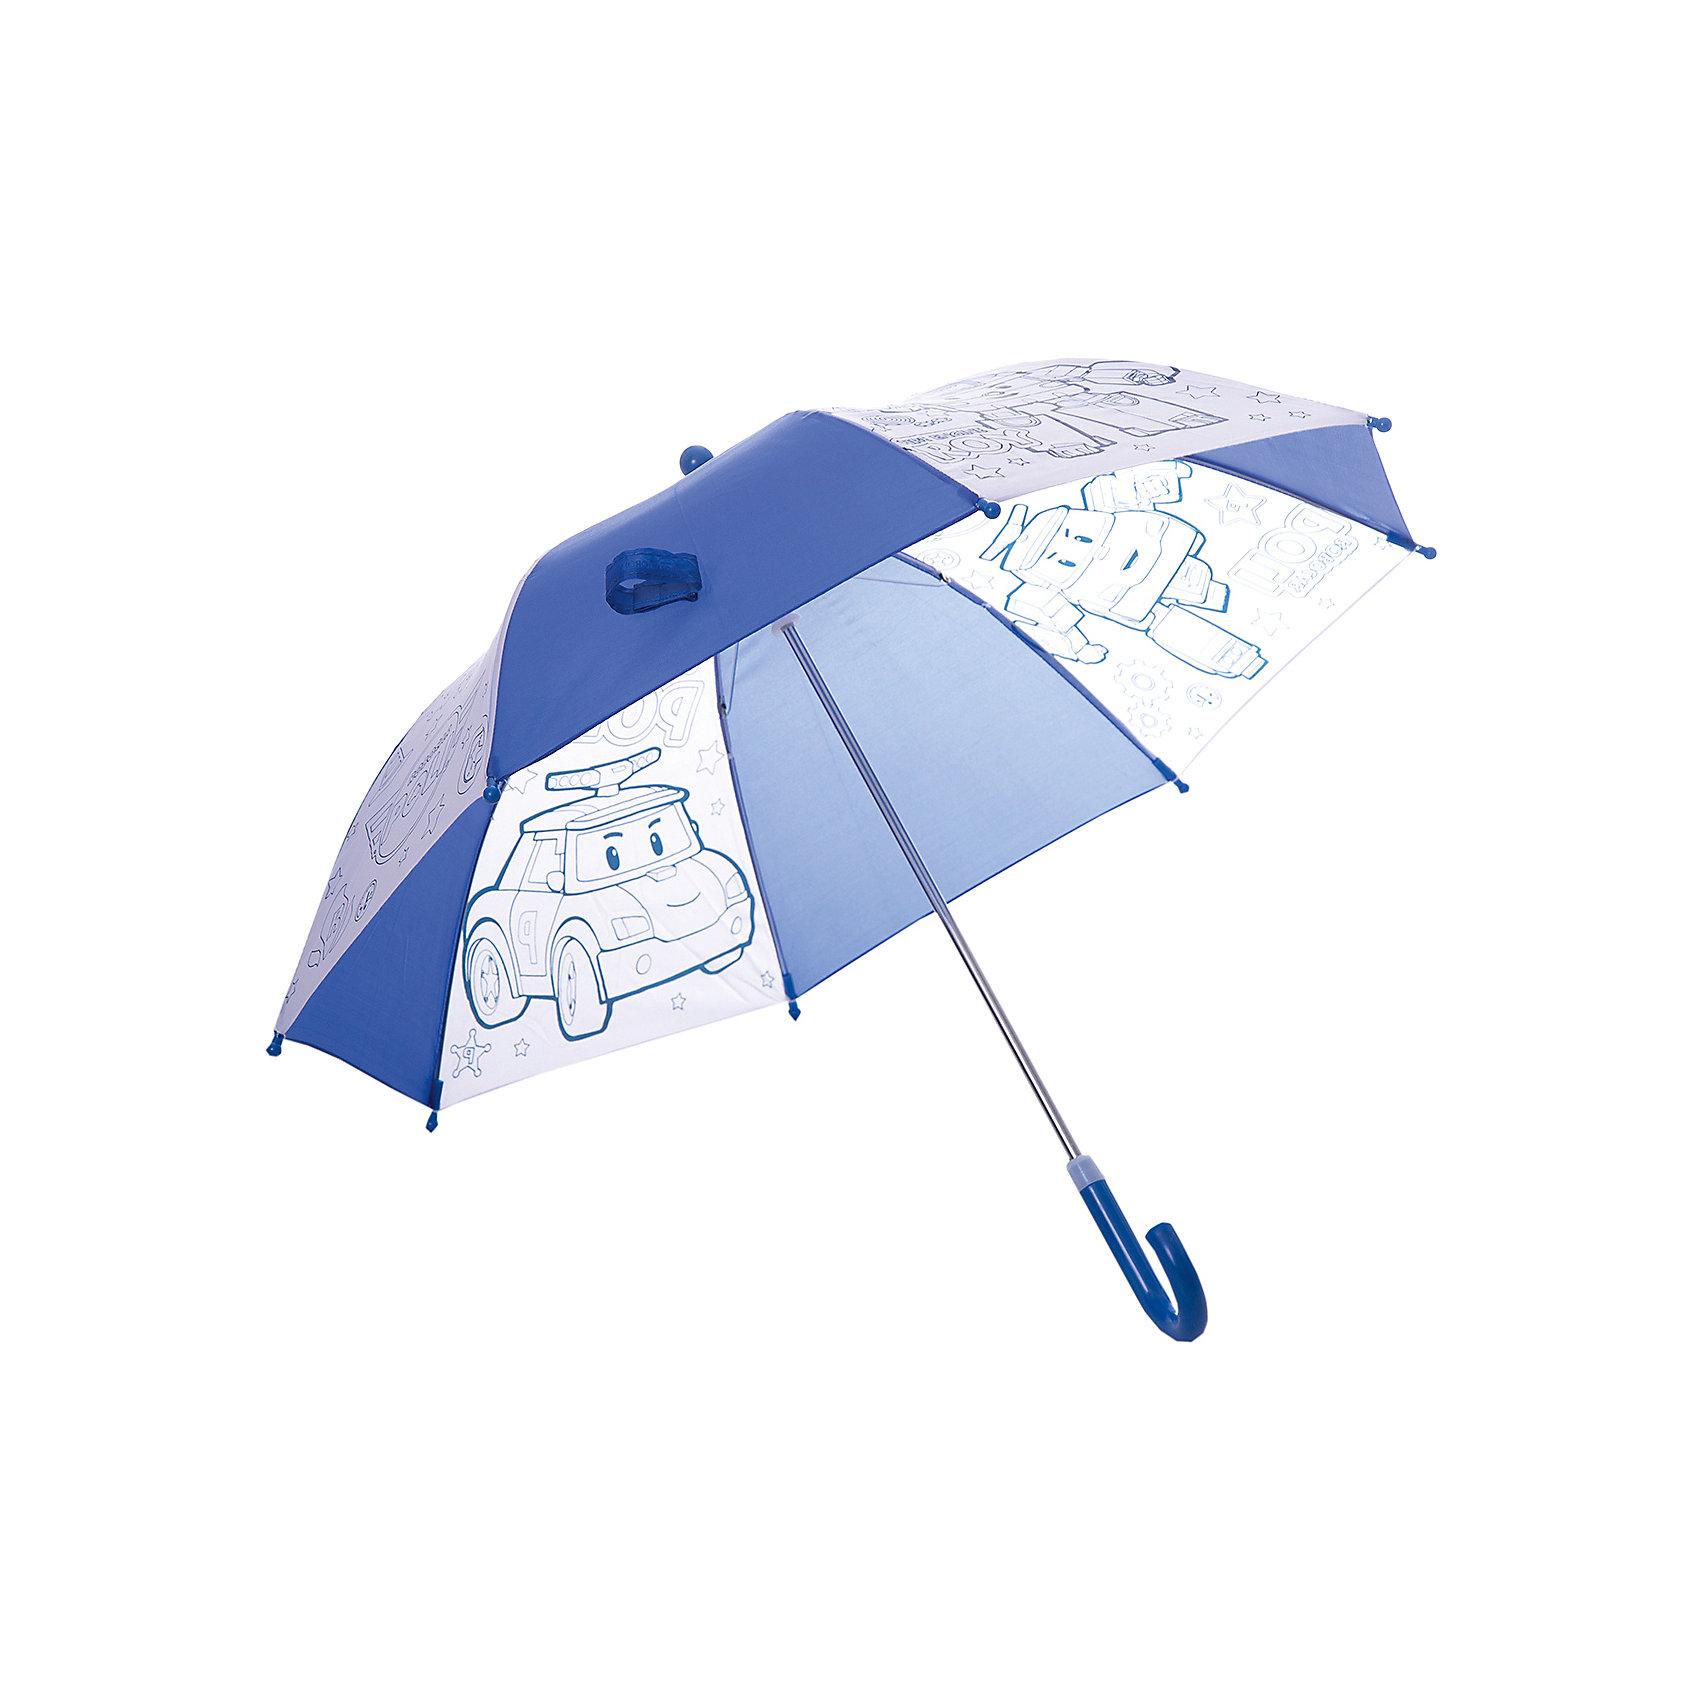 Зонтик для раскрашивания Поли и РойХарактеристики товара:<br><br>• габариты: высота 56 см<br>• возраст: 4+<br>• материал: текстиль<br>• комплектация: зонтик, маркеры 12 штук<br>• страна производства: Китай<br><br>Любовь к рисованию у многих детей появляется в раннем детстве. Зачастую, выглядит это не стандартным способом, а творчеством на игрушках и всевозможных предметах. Новая игрушка – зонтик разработана специально для таких случаев. Игрушку можно раскрашивать маркерами, входящими в комплект. В комплект входят фломастеры двенадцати основных цветов. Материалы, использованные при изготовлении товара, сертифицированы и отвечают всем международным требованиям по качеству. <br><br>Набор «Зонтик для раскрашивания Поли и Рой» можно приобрести в нашем интернет-магазине.<br><br>Ширина мм: 100<br>Глубина мм: 50<br>Высота мм: 650<br>Вес г: 330<br>Возраст от месяцев: 60<br>Возраст до месяцев: 96<br>Пол: Мужской<br>Возраст: Детский<br>SKU: 5165781